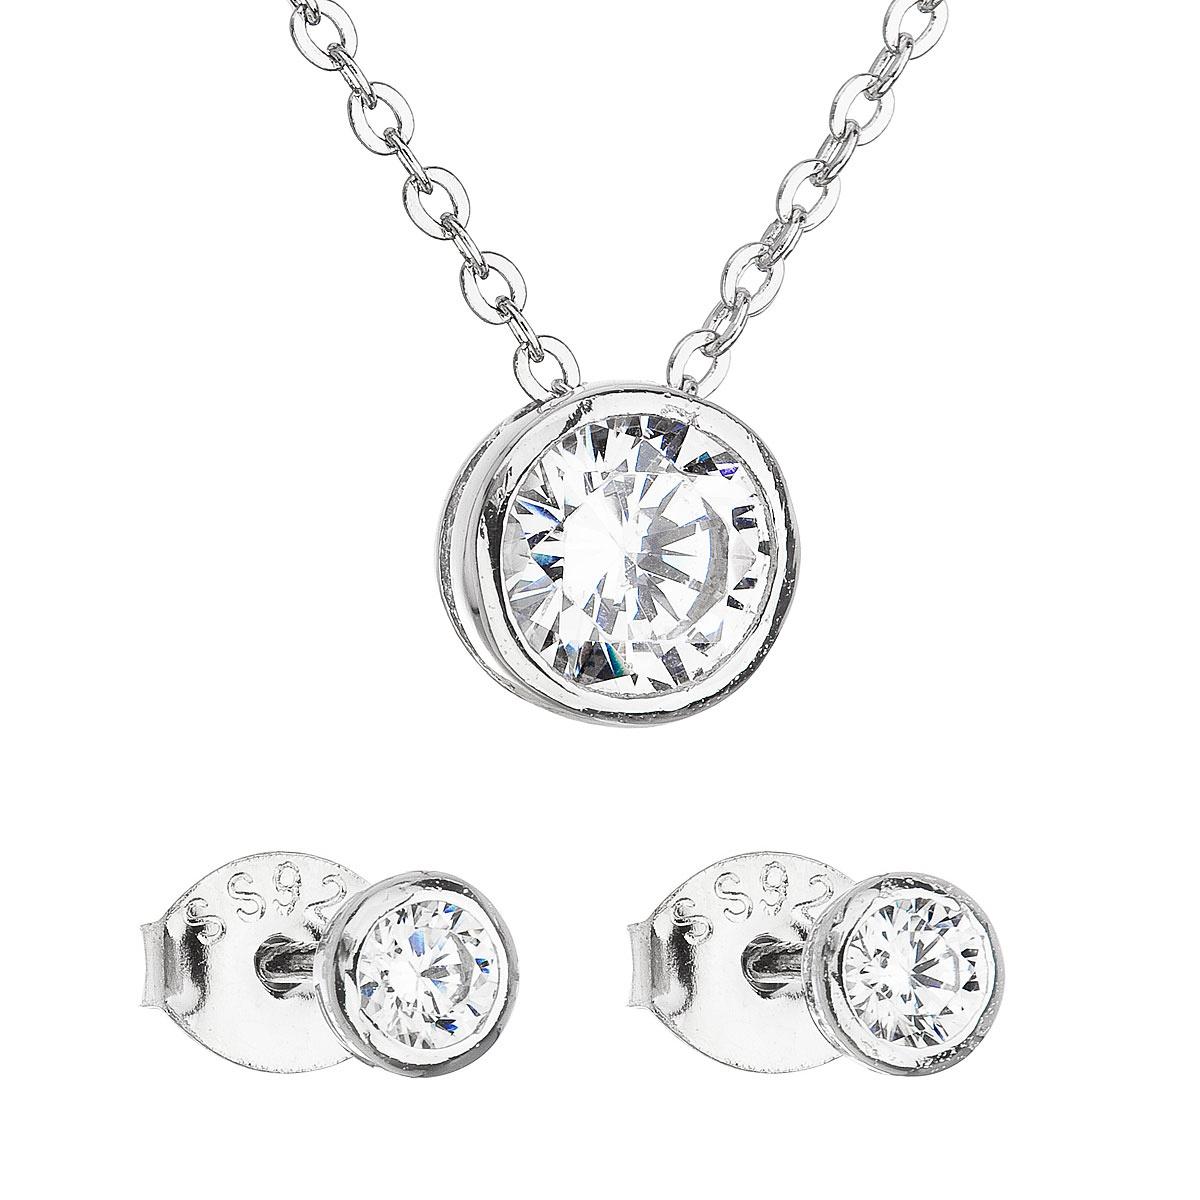 Sada šperkov so zirkónom v bielej farbe náušnice a náhrdelník 19007.1